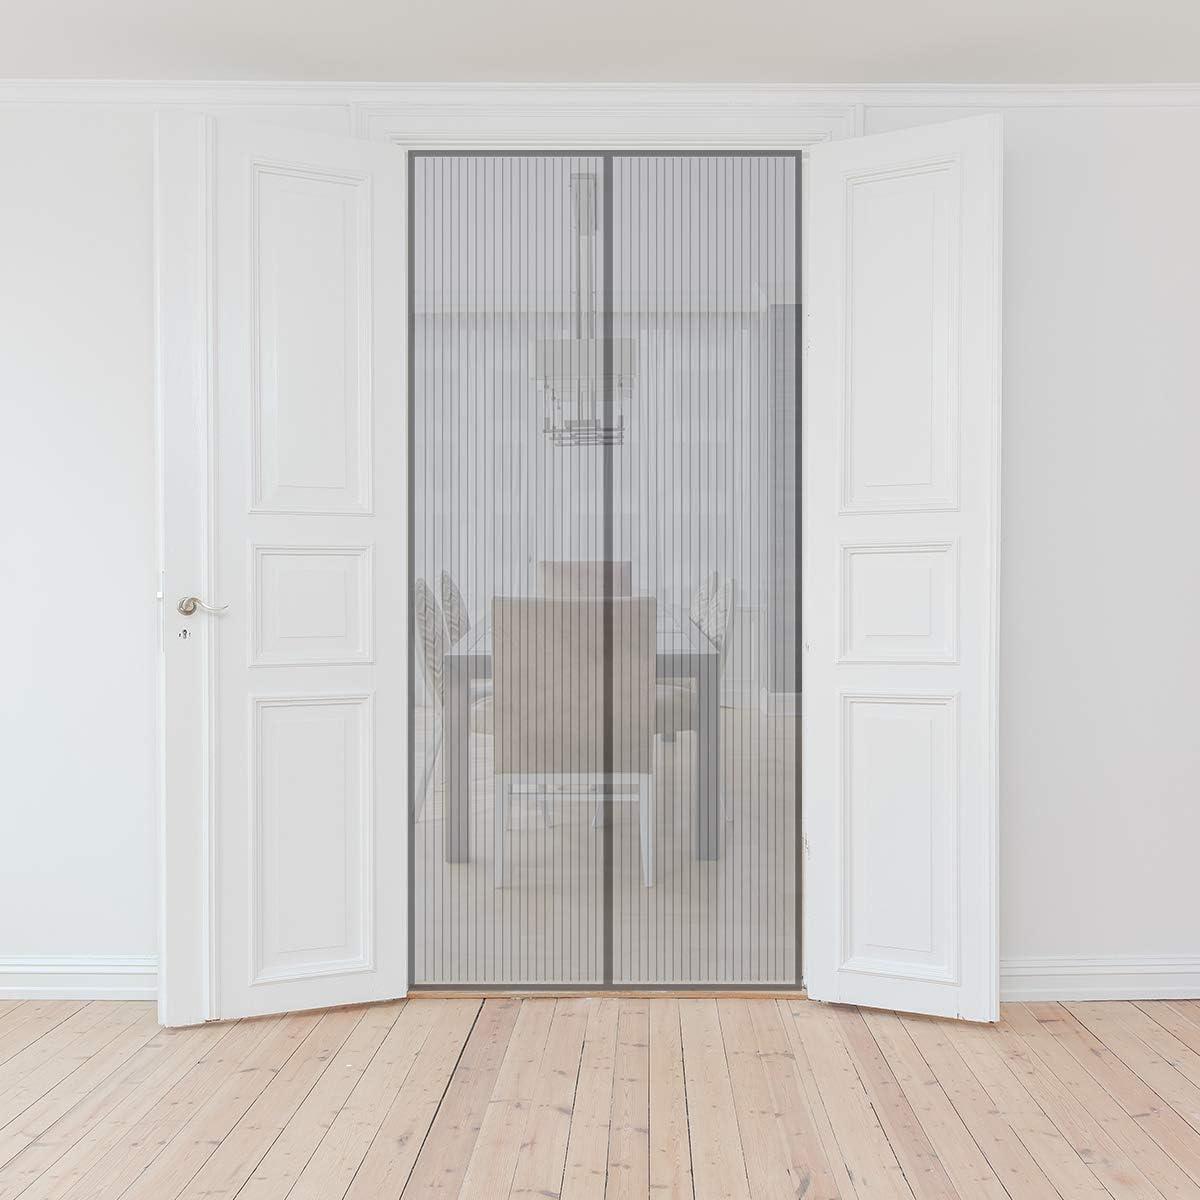 porte in alluminio e balcone Sekey Zanzariera Magnetica per porta Facile da installare Bianco per legno anti insetti ferro si Chiude da Sola 220 x 110cm